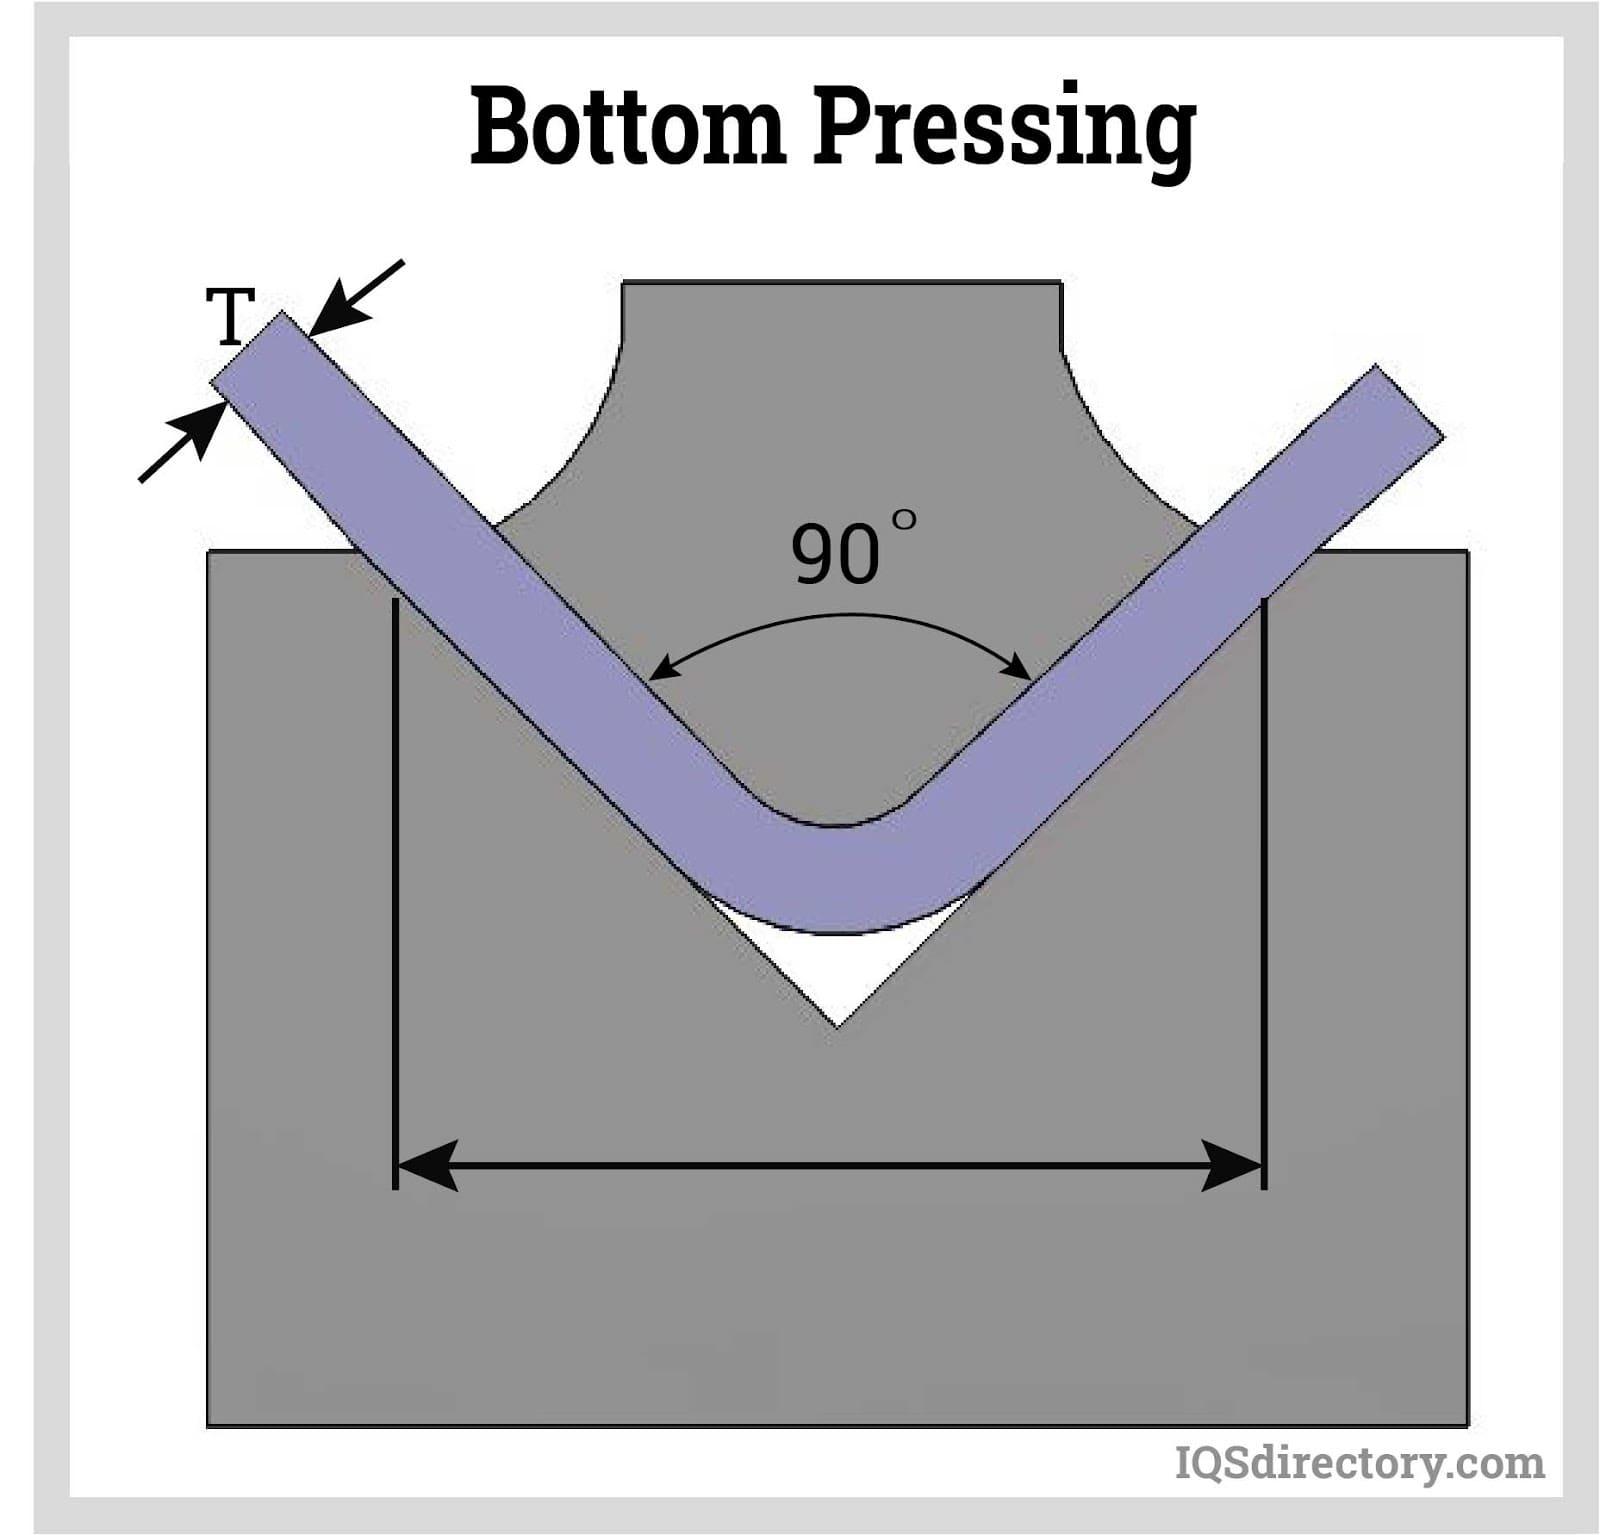 Bottom Pressing